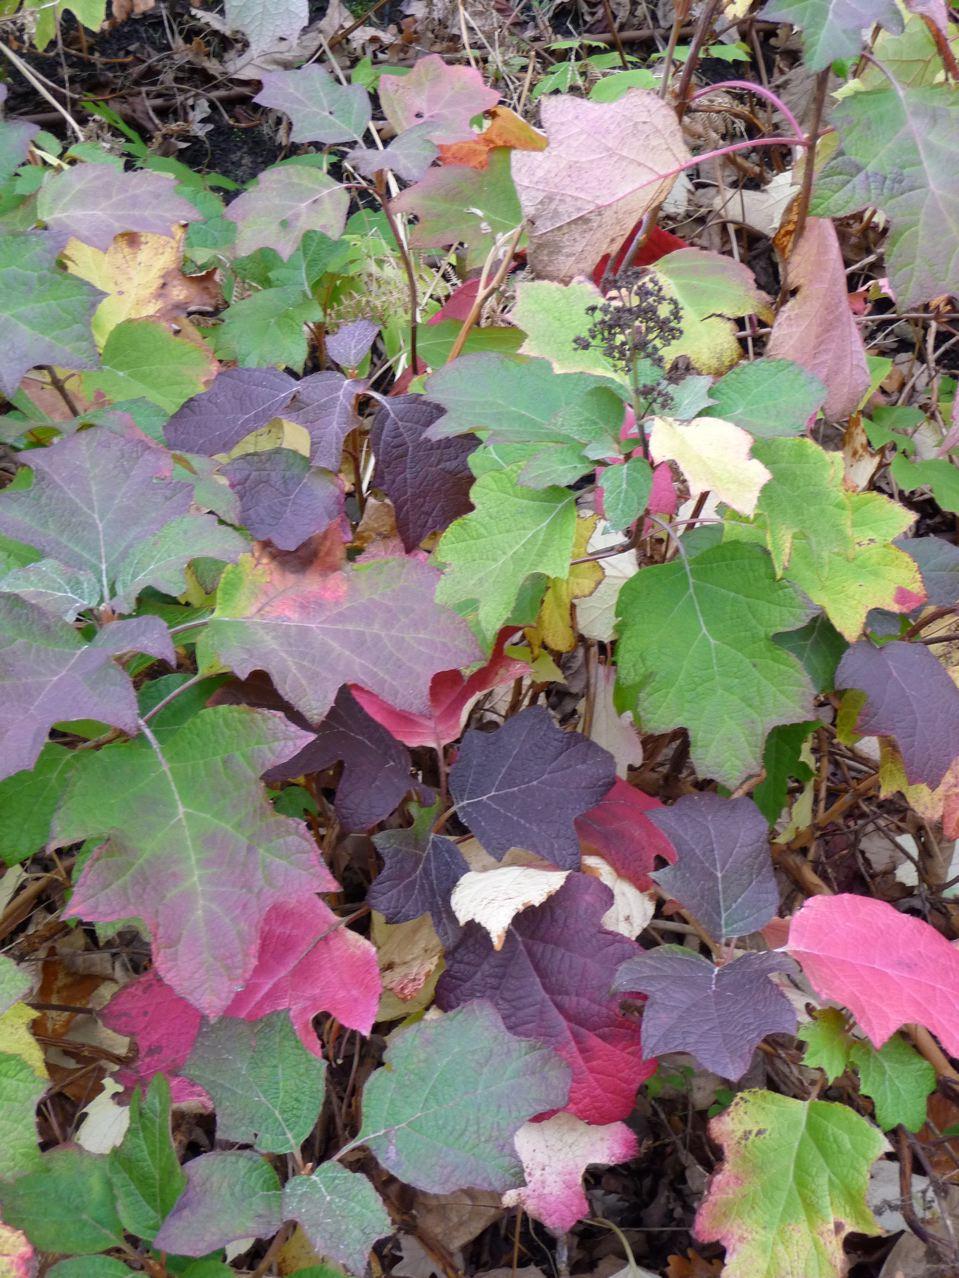 Hydrangéa à feuilles de chênes parés de couleurs d'automne, Musée du quai Branly (Paris 7ème), décembre 2009, photo Alain Delavie